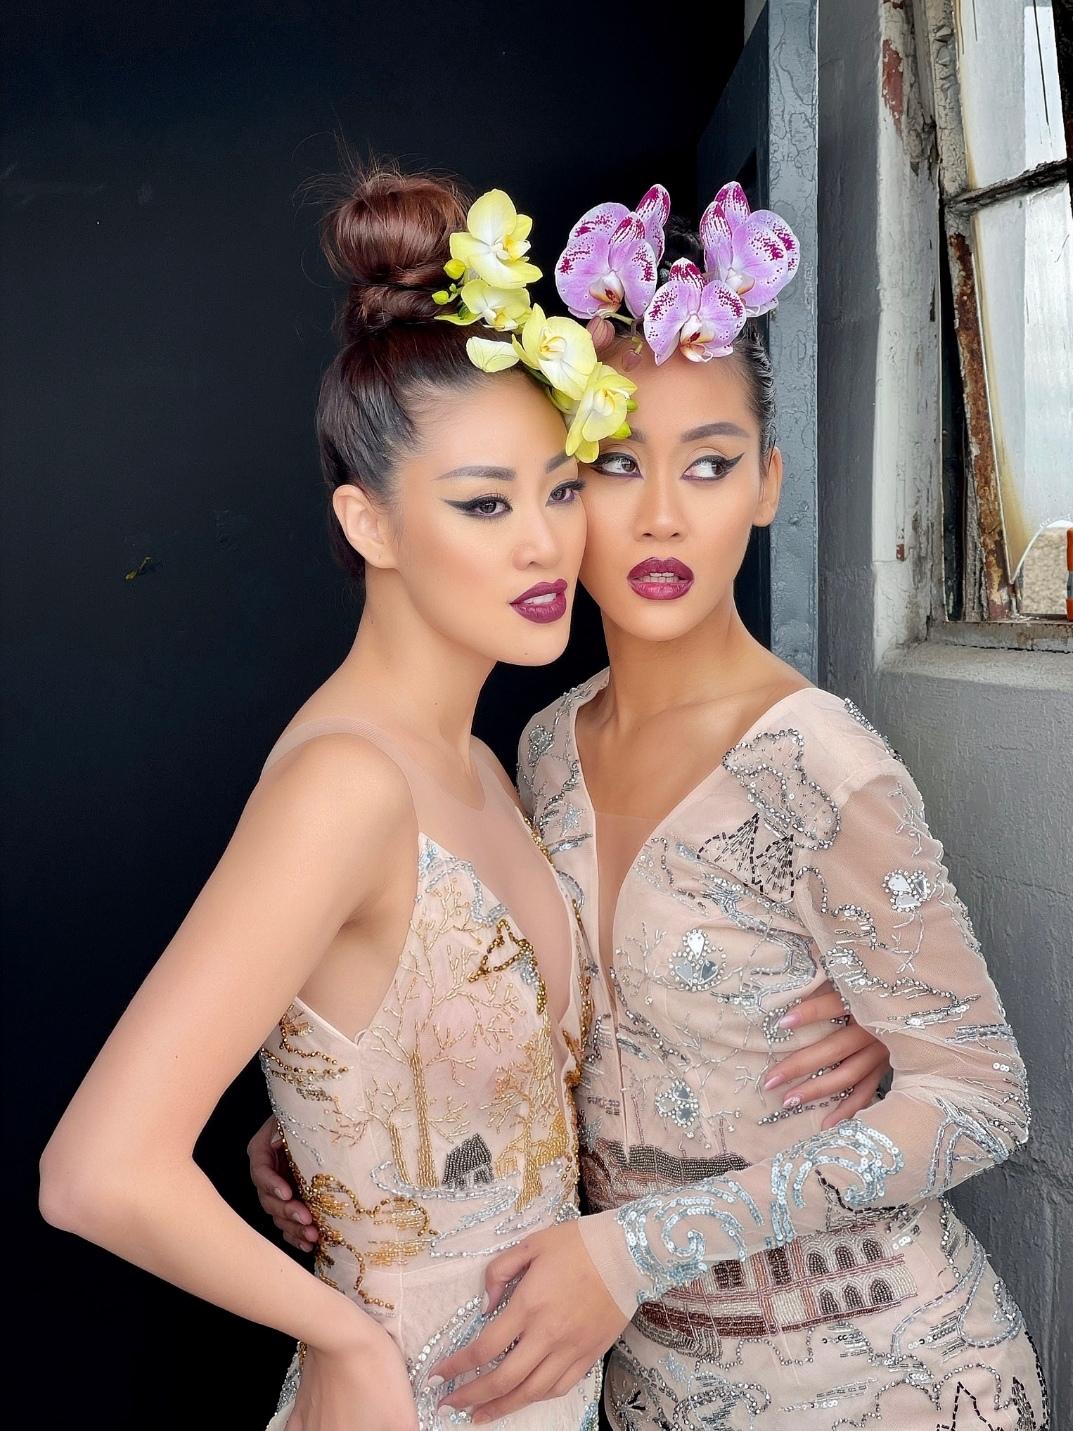 Screenshot 20210530 135242 Hậu trường bộ ảnh đặc biệt tại Mỹ: Hoa hậu Khánh Vân kết hợp cùng Hoa hậu Malaysia